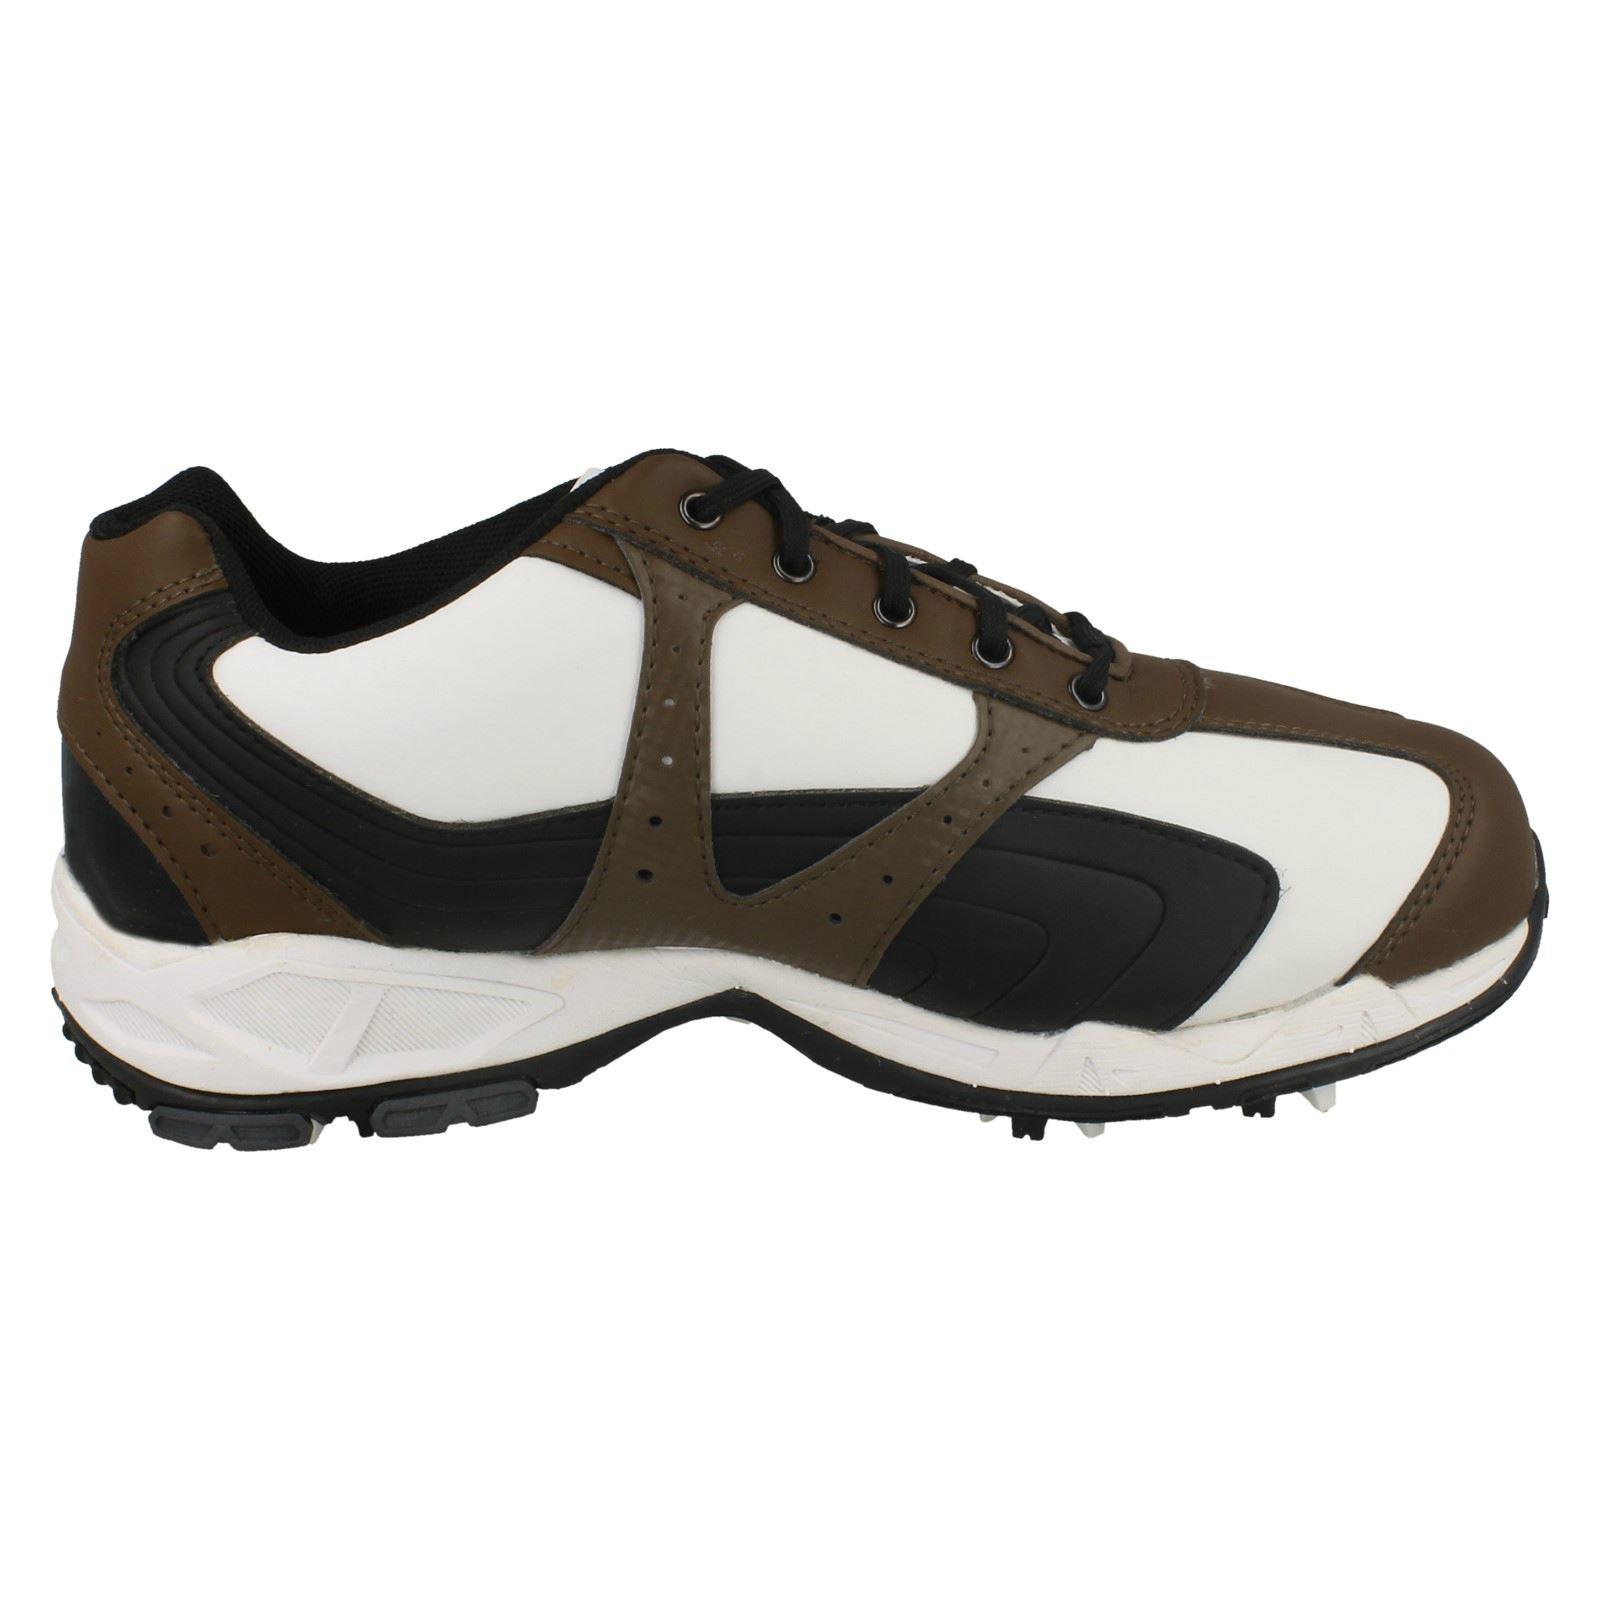 Hi Golf-Dri-Tec Tec Homme Chaussures De Golf-Dri-Tec Hi Sport 300 dca61b